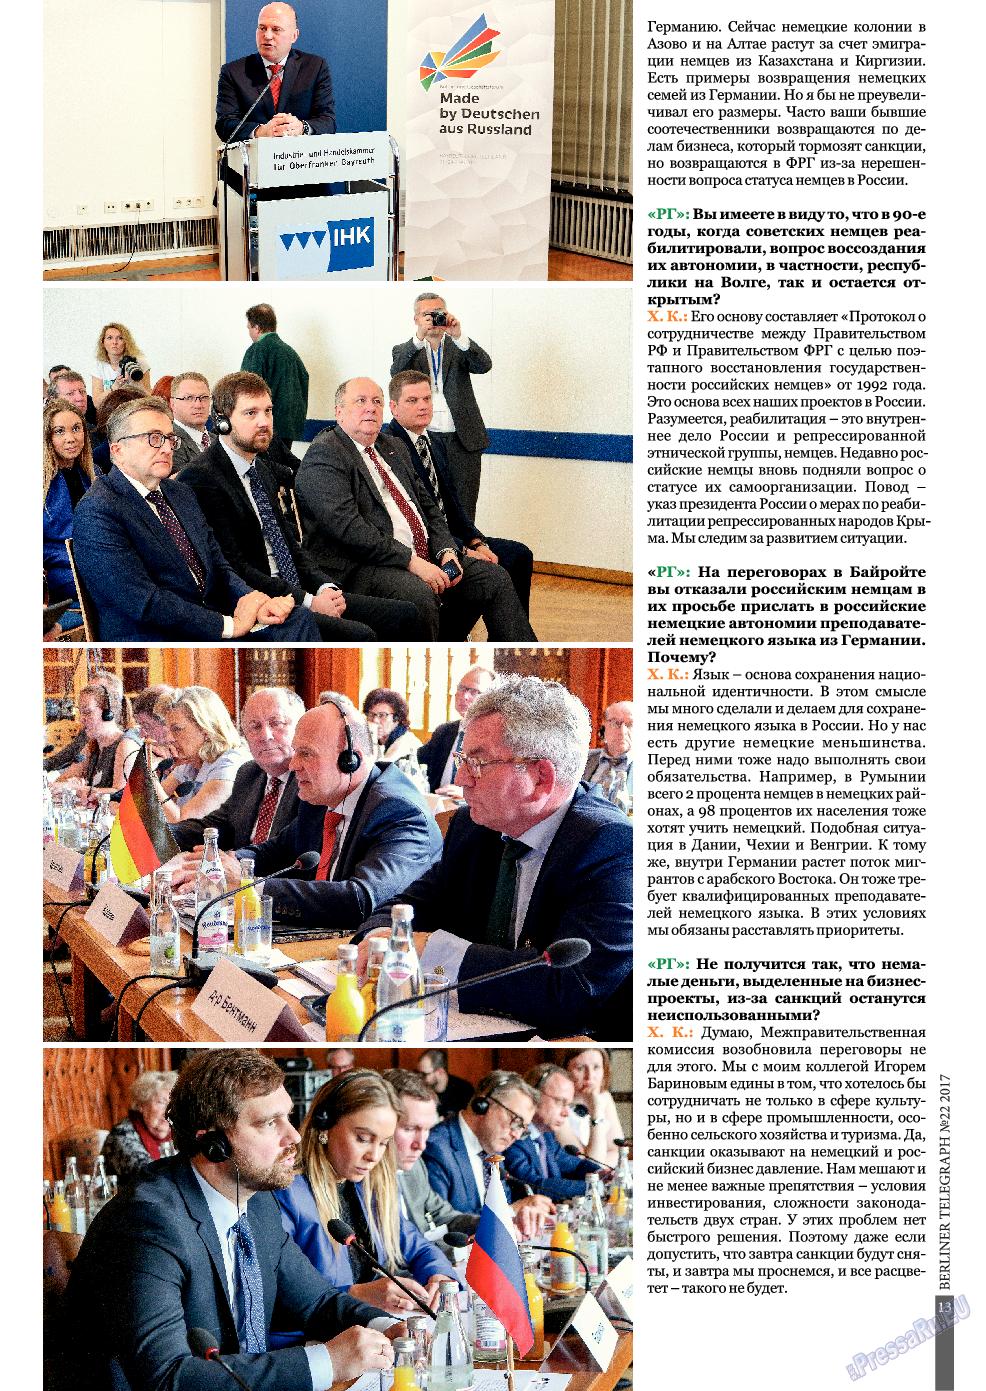 Берлинский телеграф (журнал). 2017 год, номер 22, стр. 13